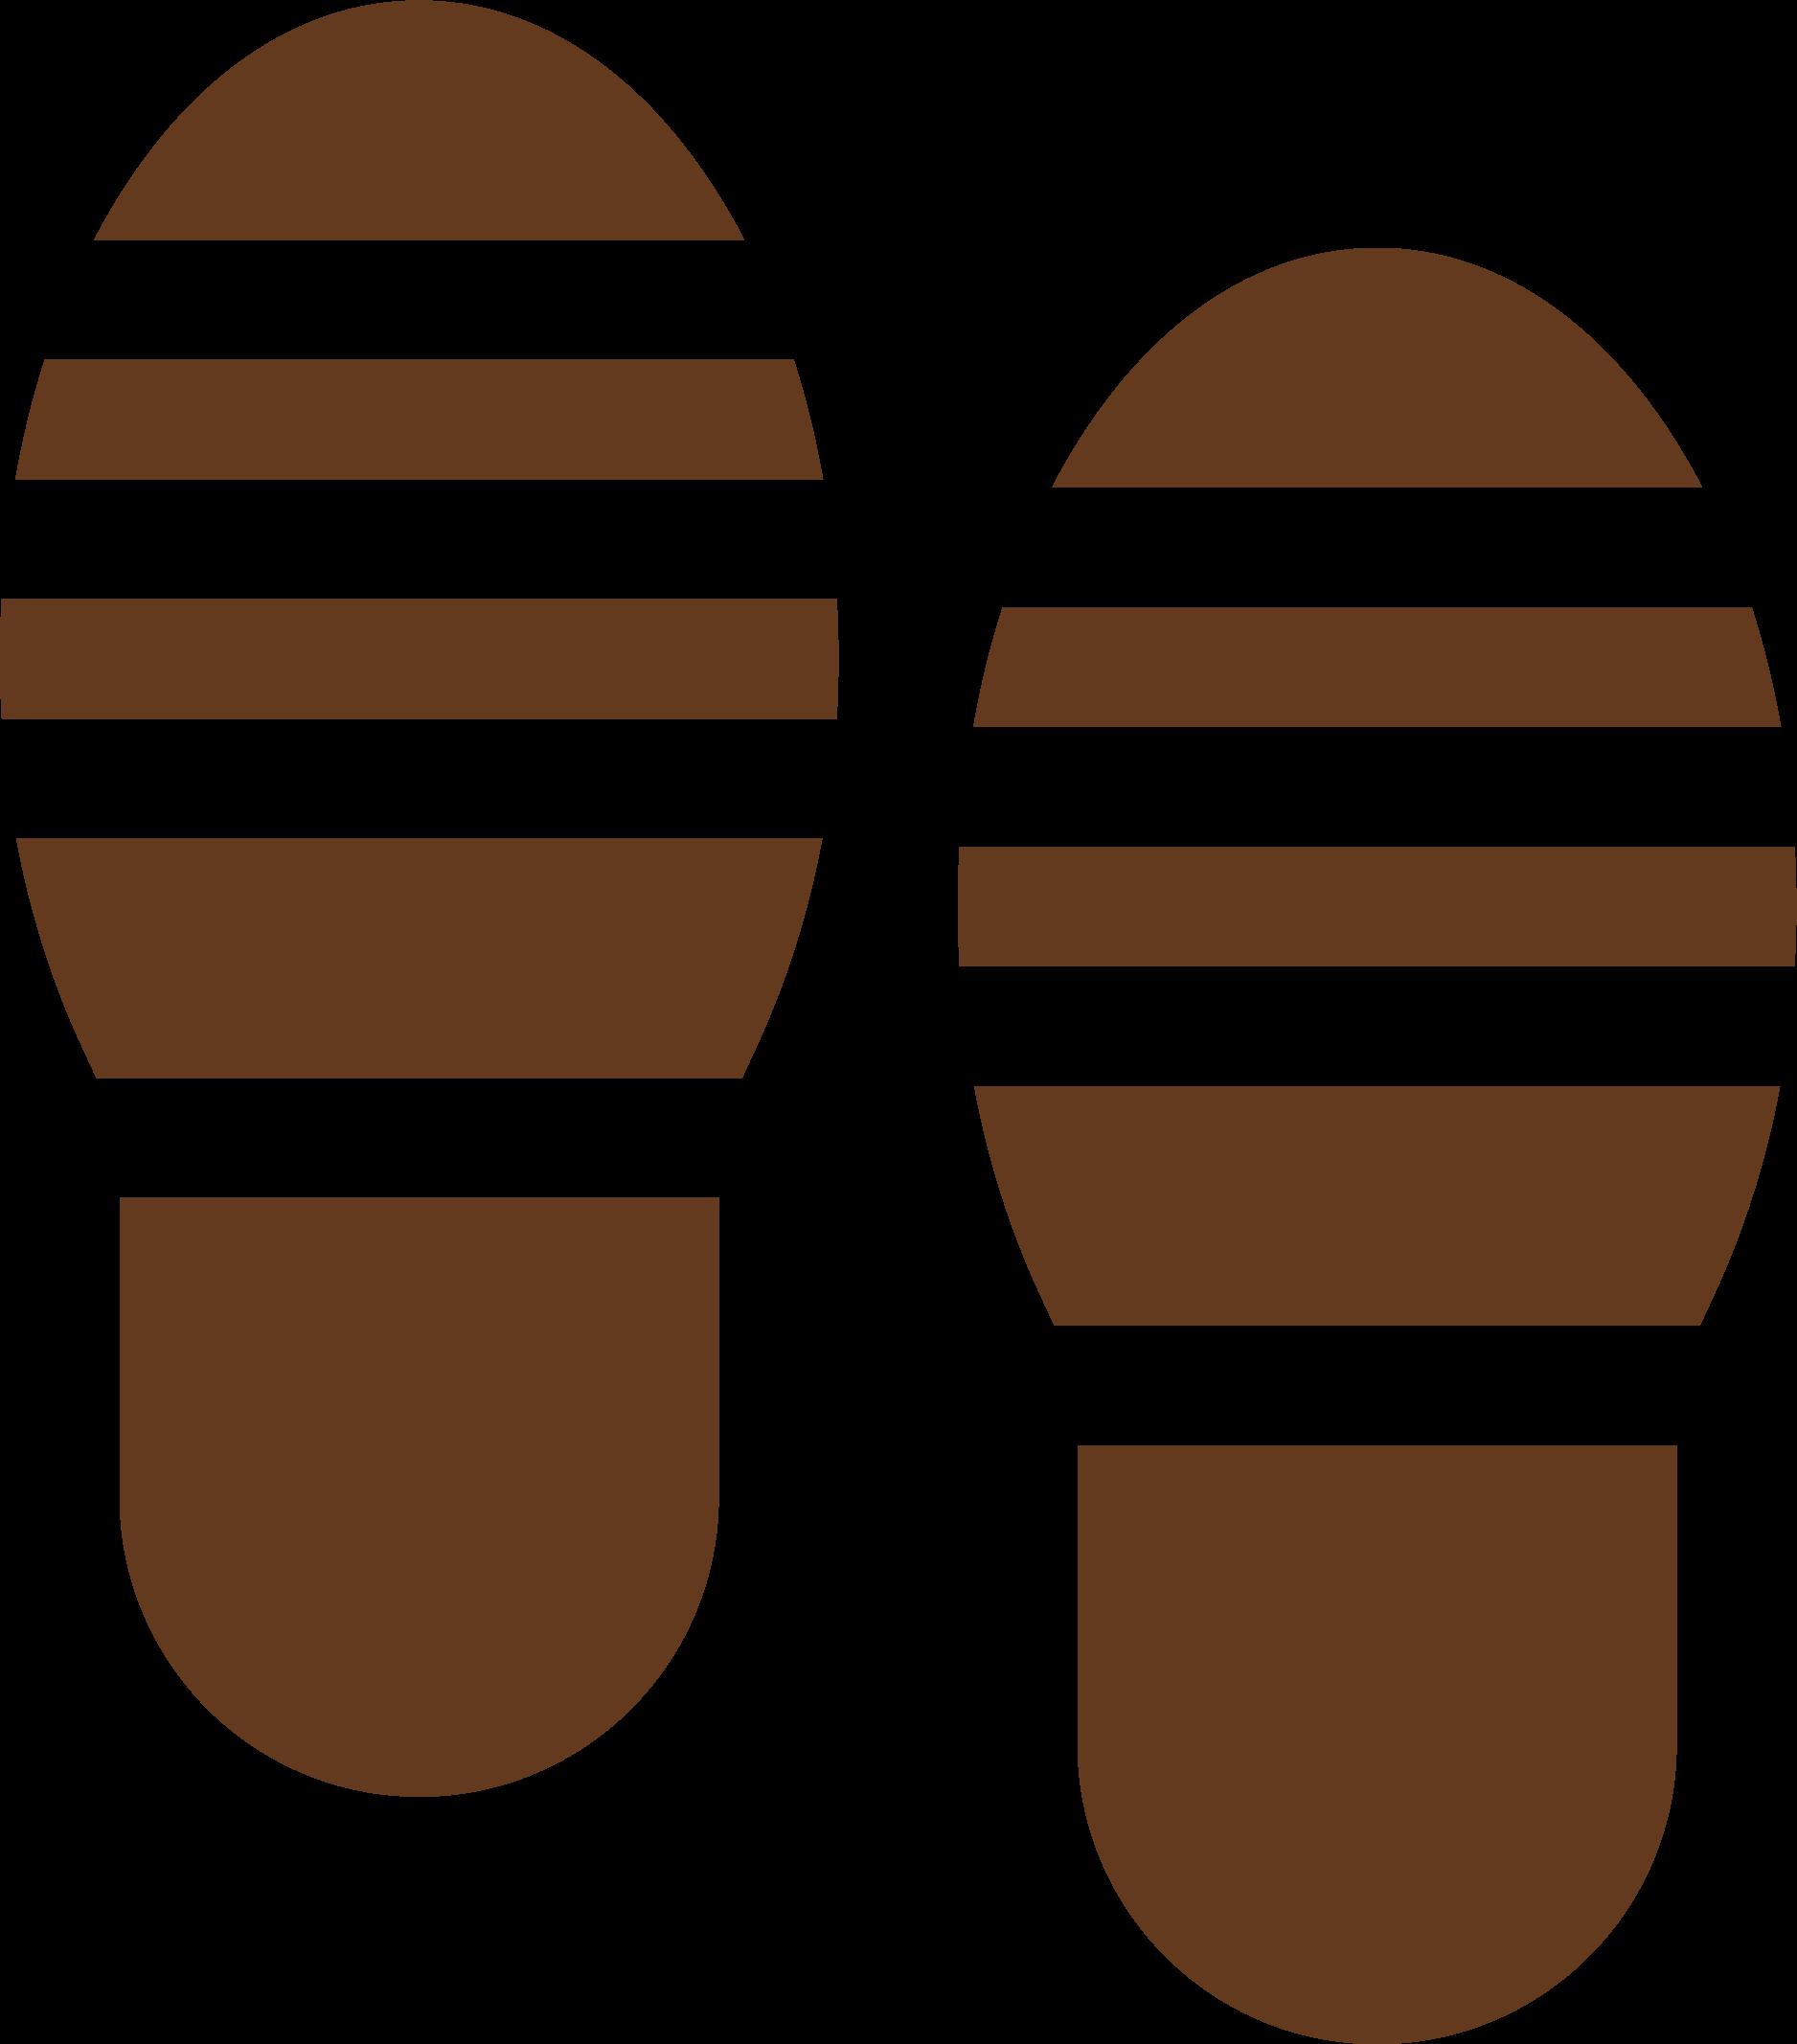 icone semelles